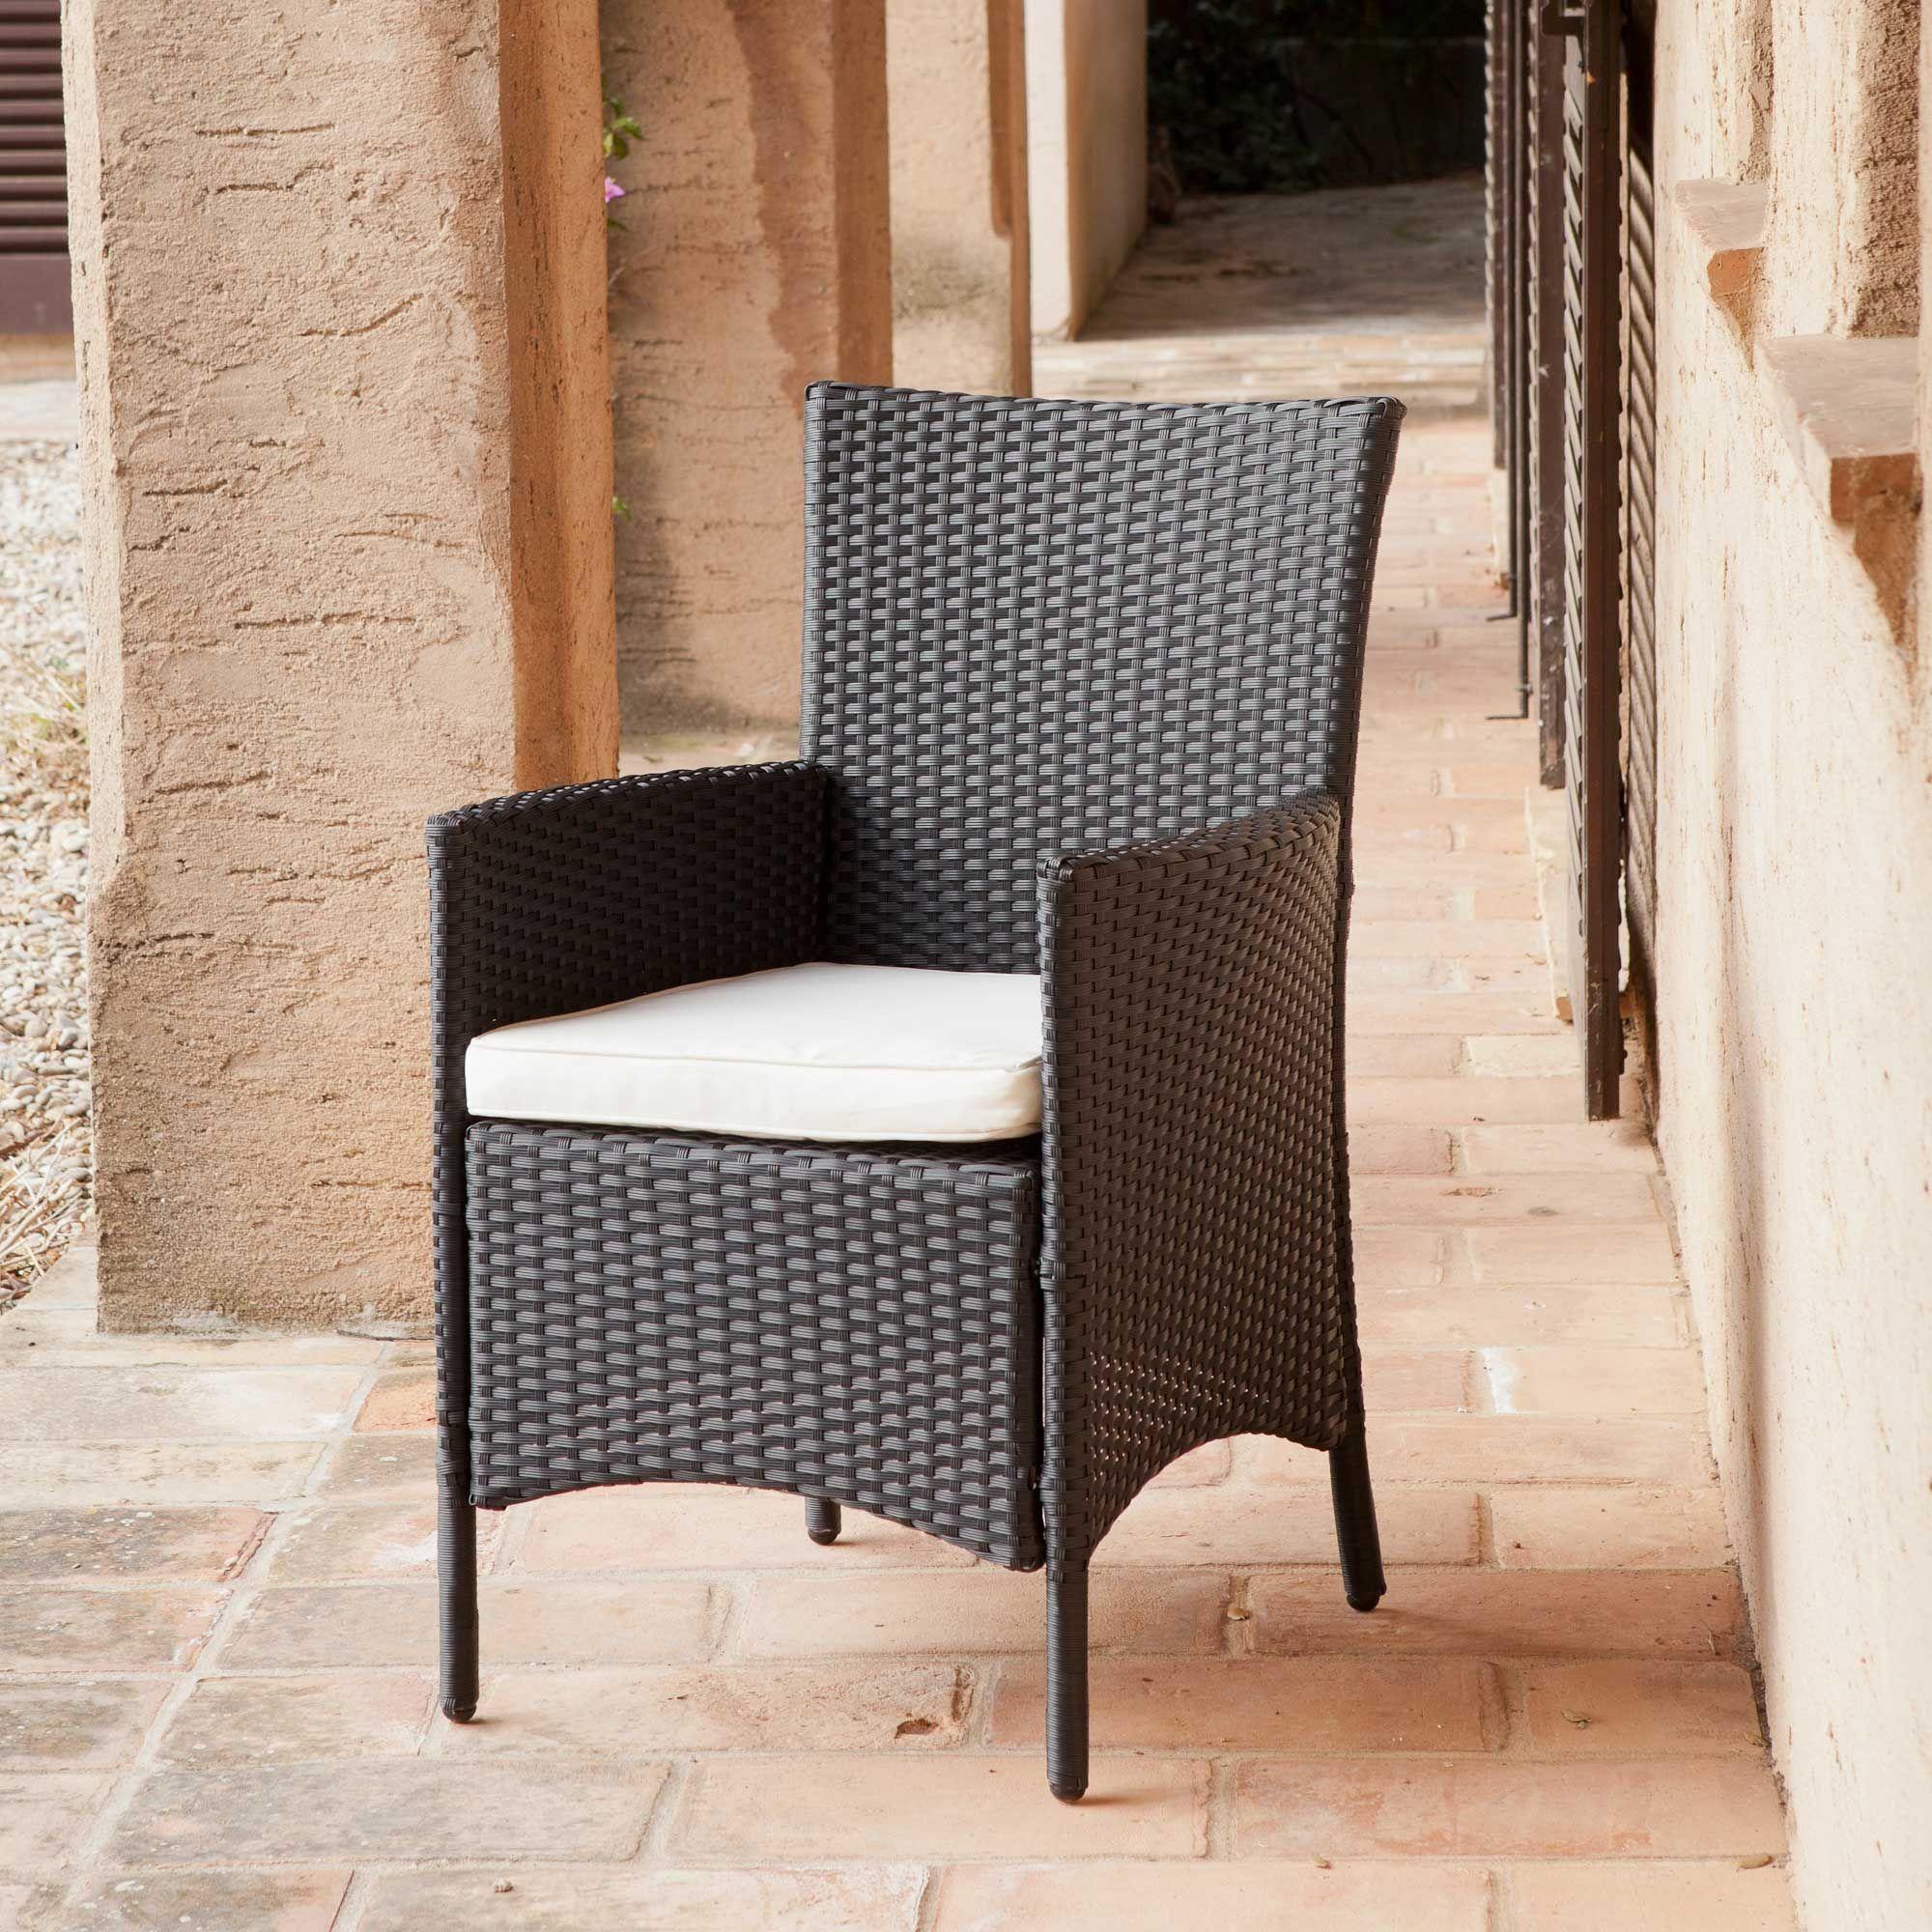 Chaises de jardin résine tressée noire | | BLACK & WHITE | | Chaise ...